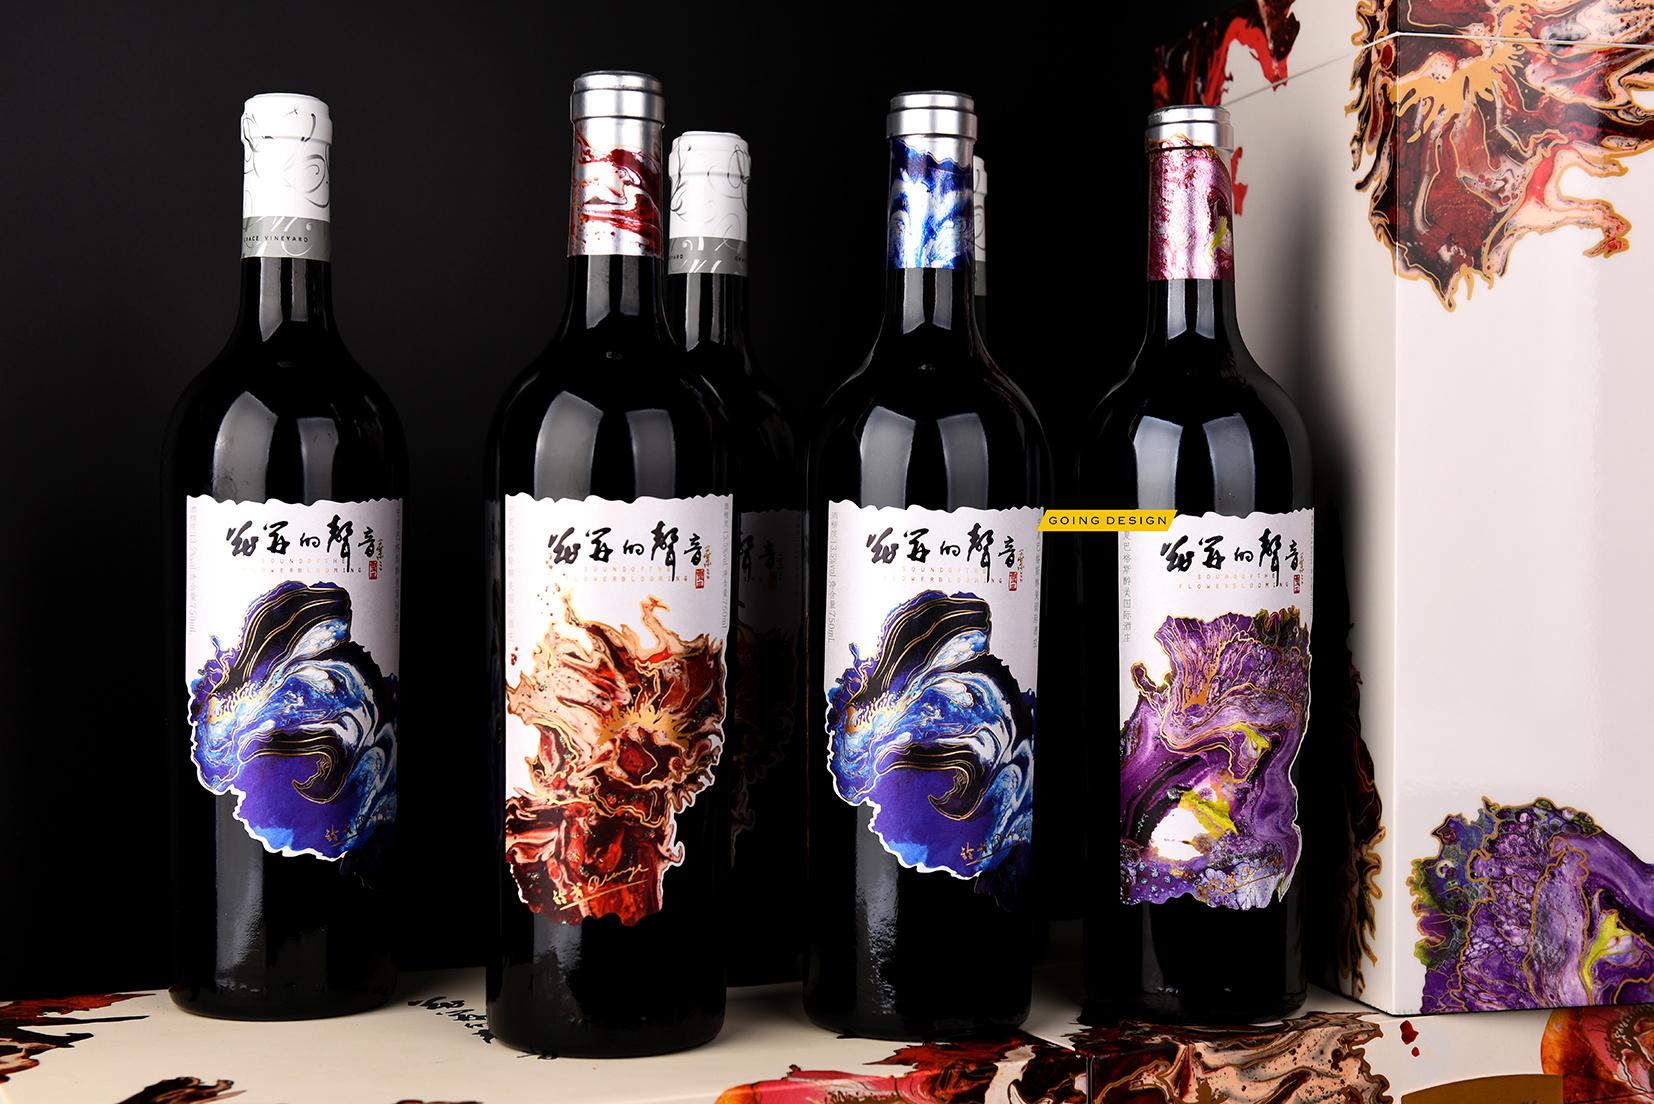 宁夏巴格斯酒庄系列红酒产品包装设计------古一设计图片